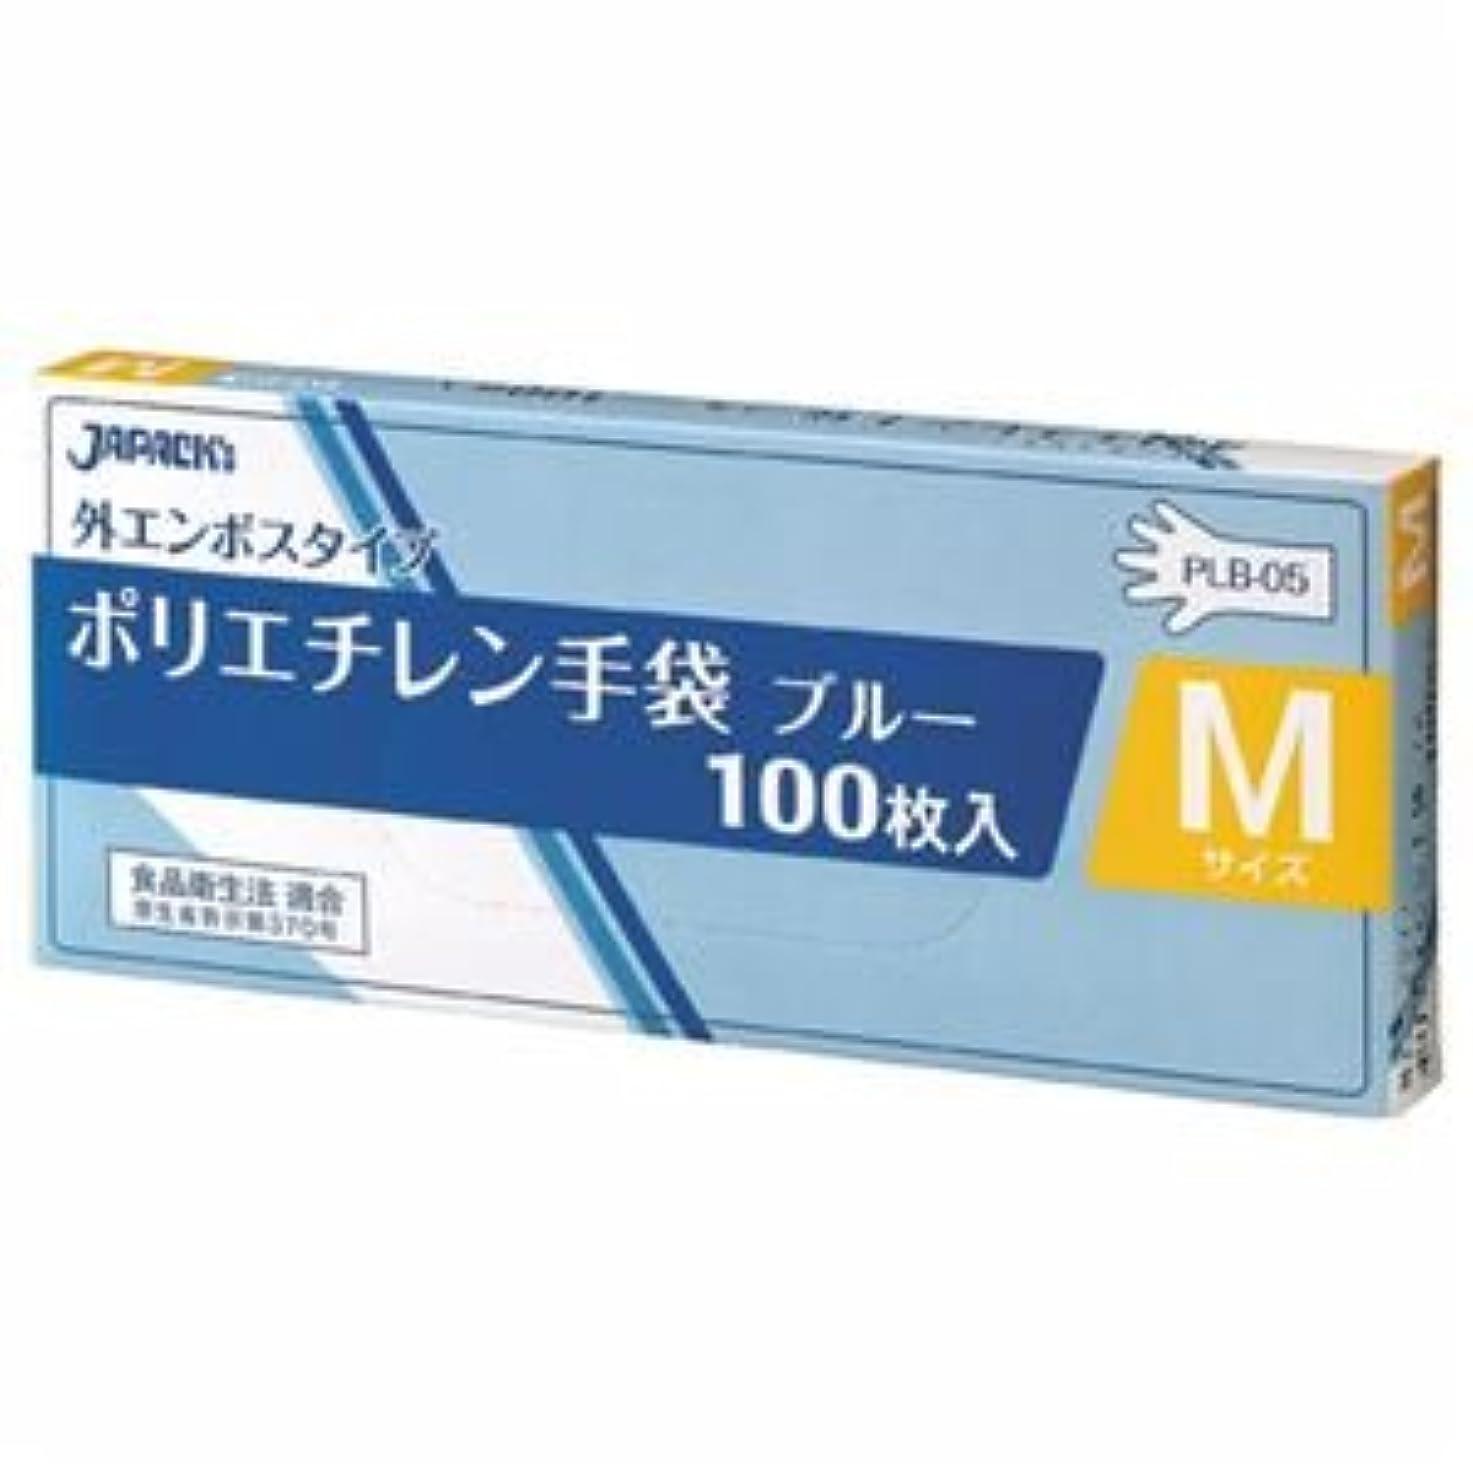 組み合わせ可愛い純正(まとめ) ジャパックス 外エンボスLDポリ手袋BOX M 青 PLB05 1パック(100枚) 【×20セット】 ds-1583311